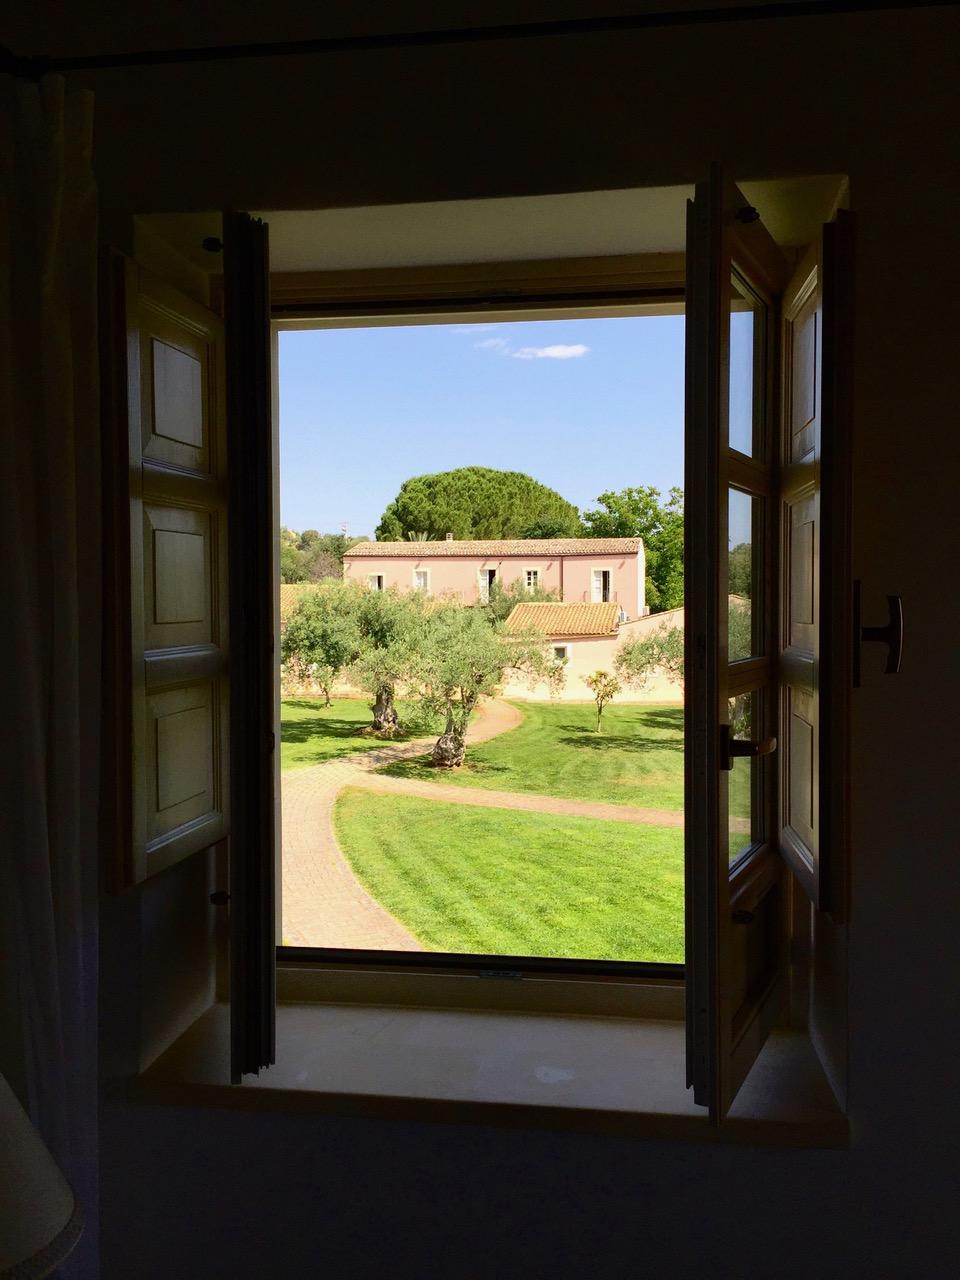 Window view at Masseria Degli Ulivi in San Corrado di Fuori, Sicily